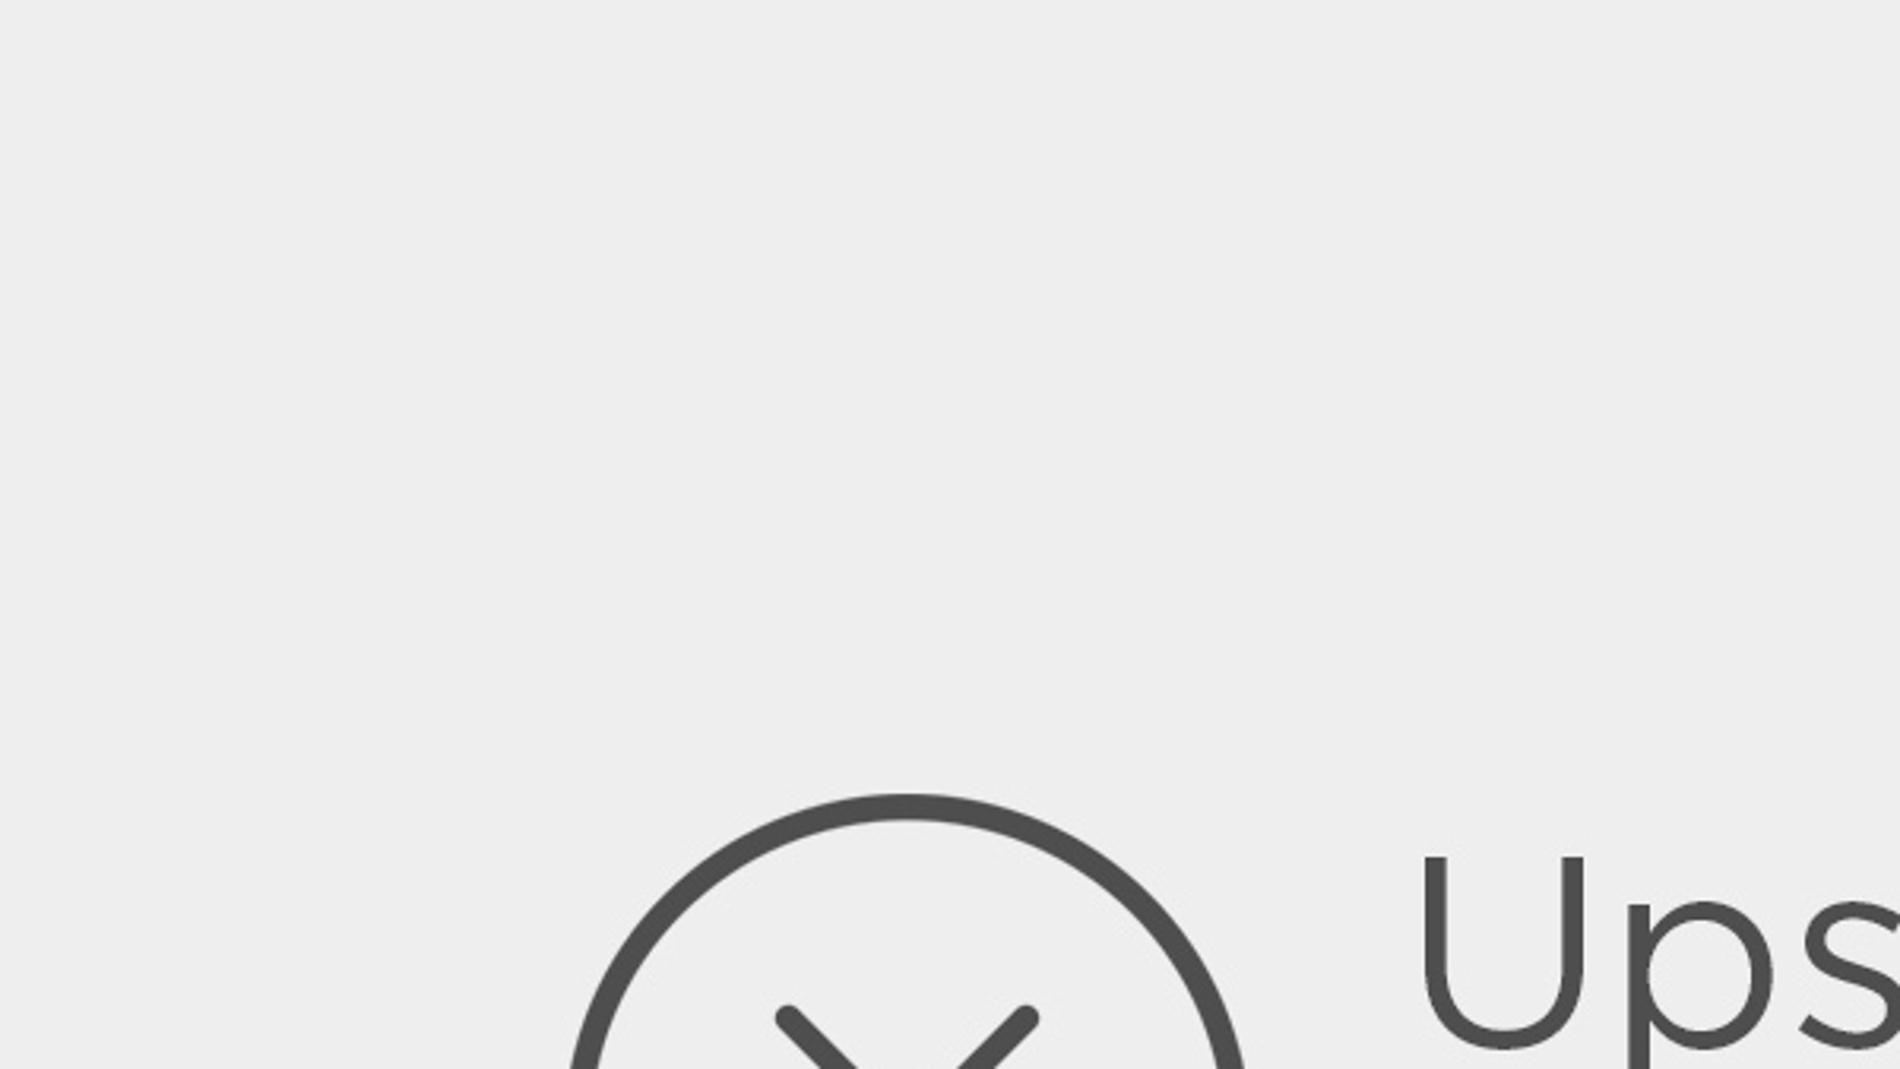 El director de cine Peter Jackson en la casa de Bilbo Bolsón